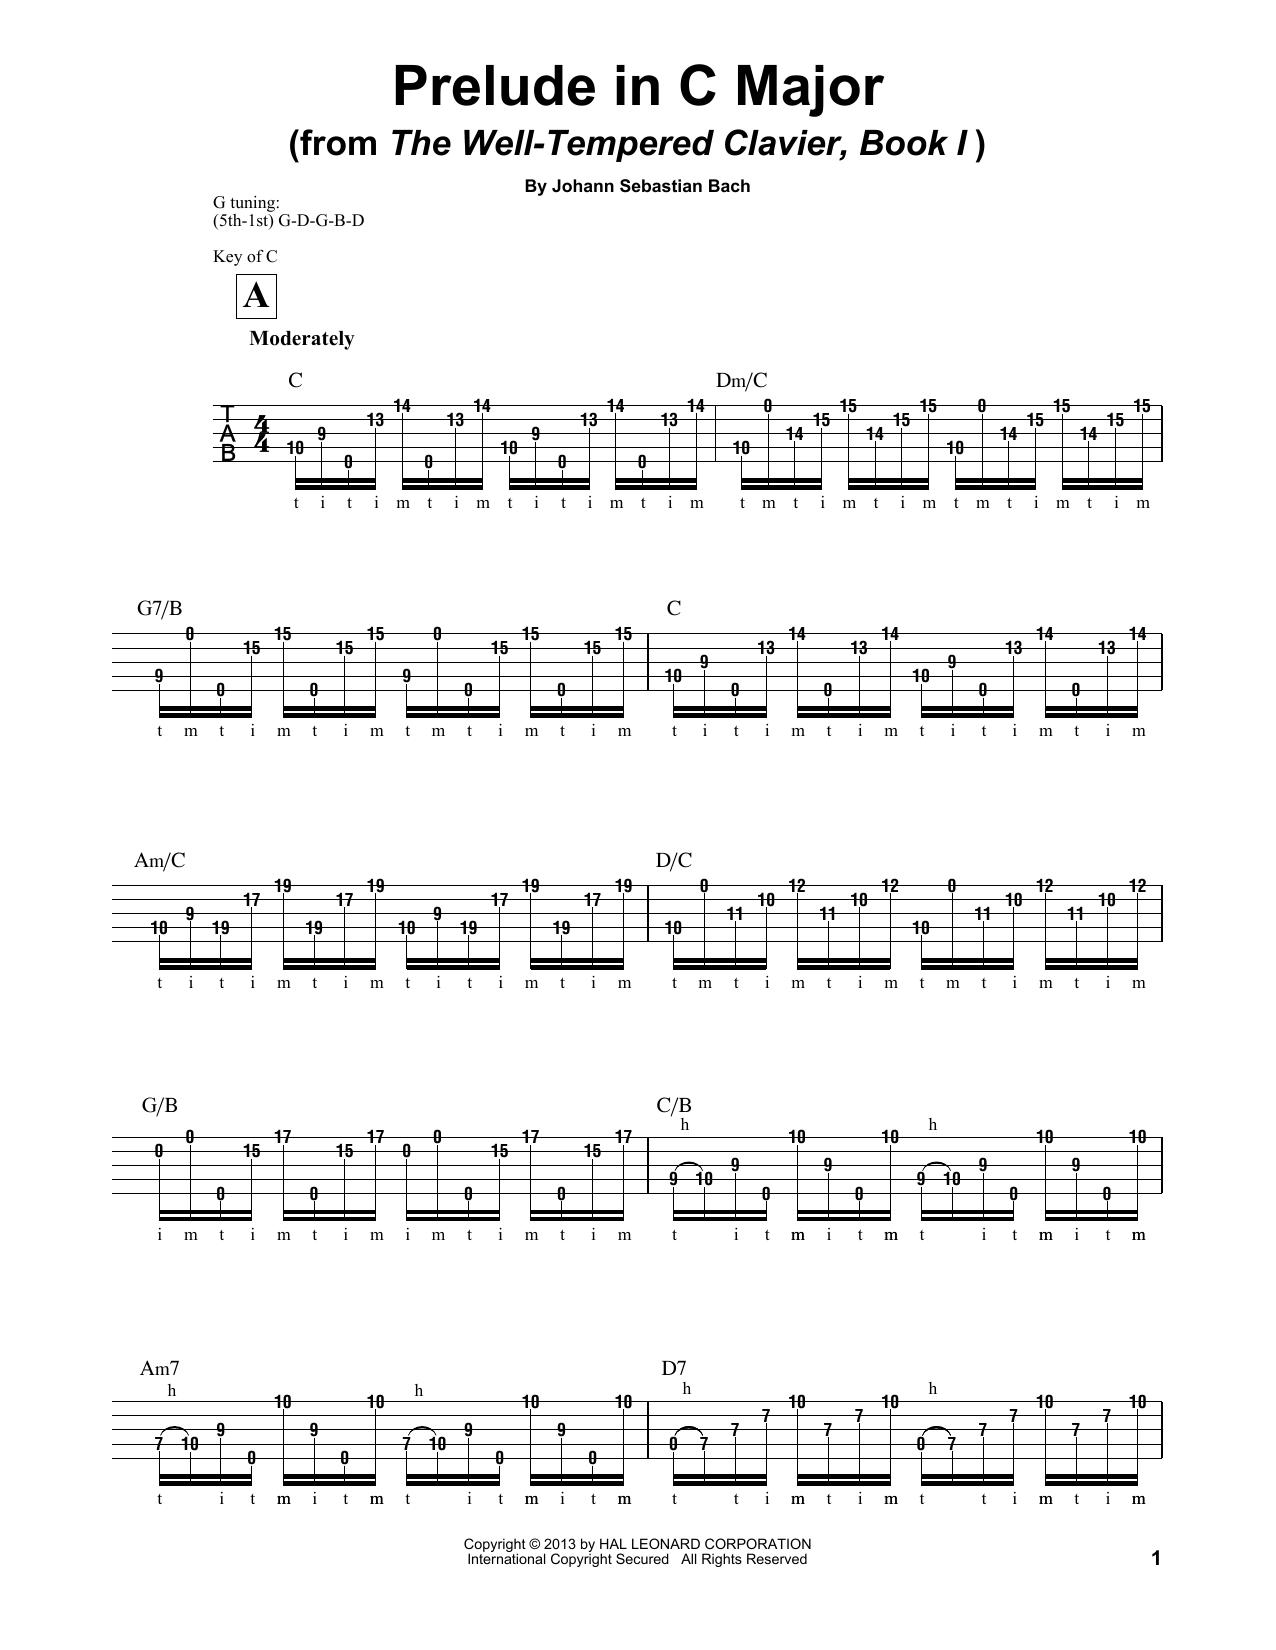 Prelude in C Major (Banjo Tab)